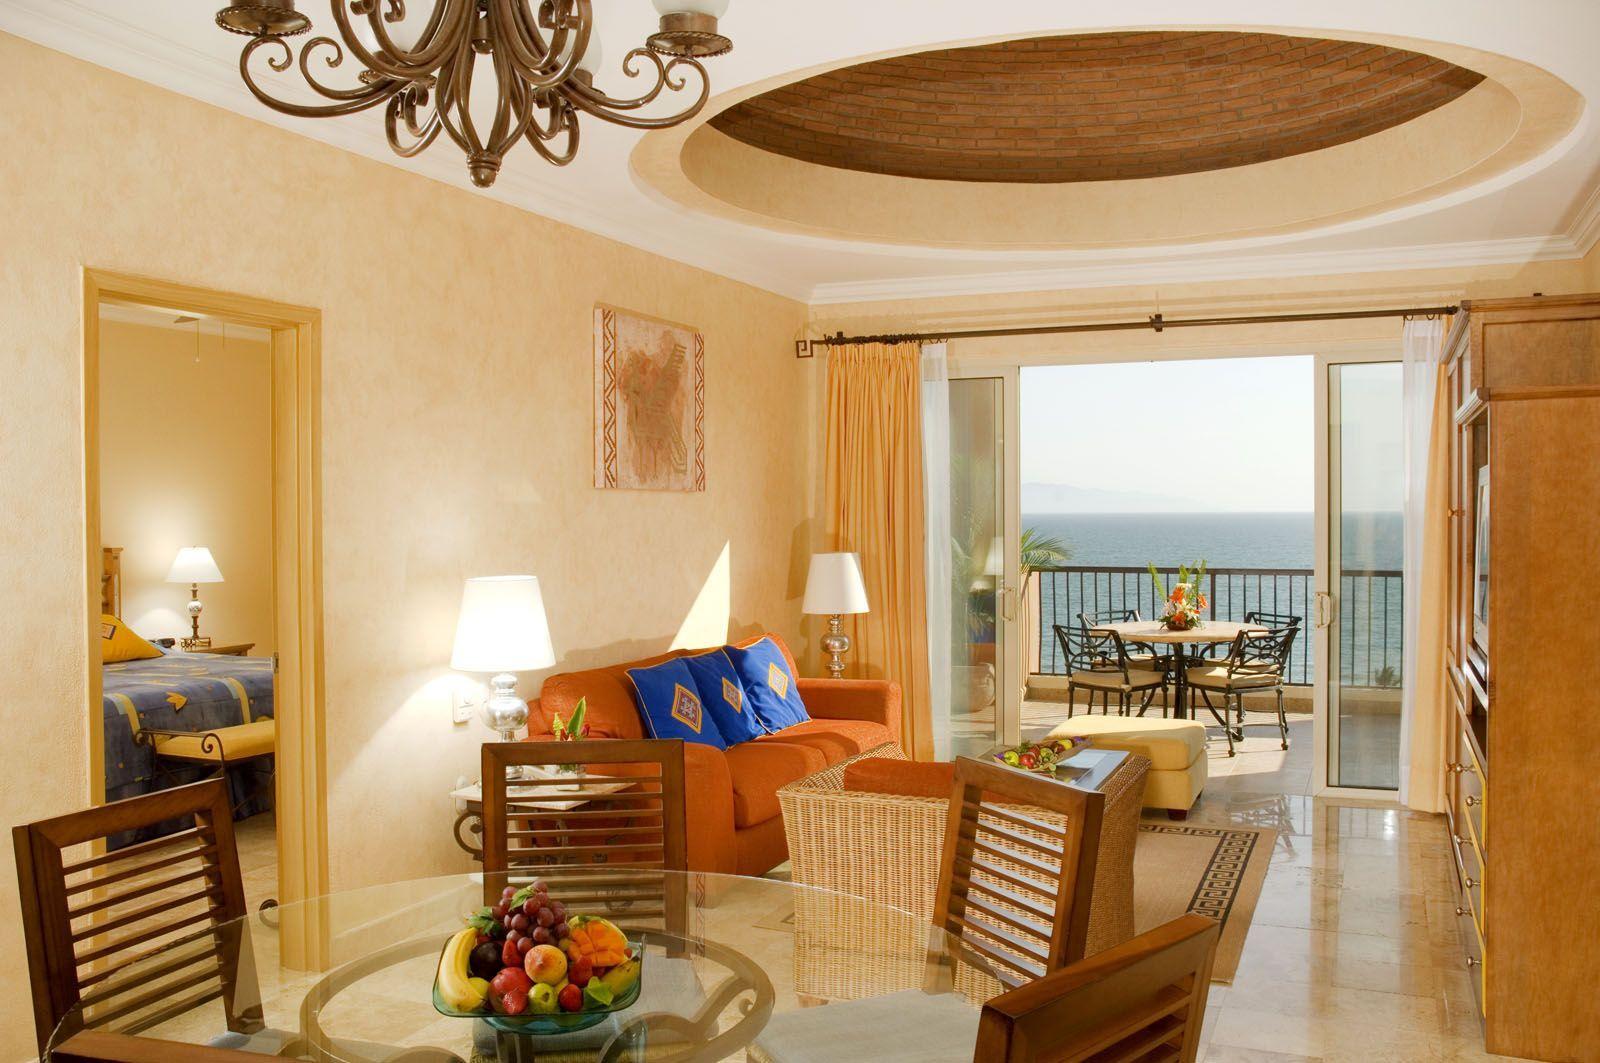 two bedroom villa suite at villa del palmar flamingos | travel